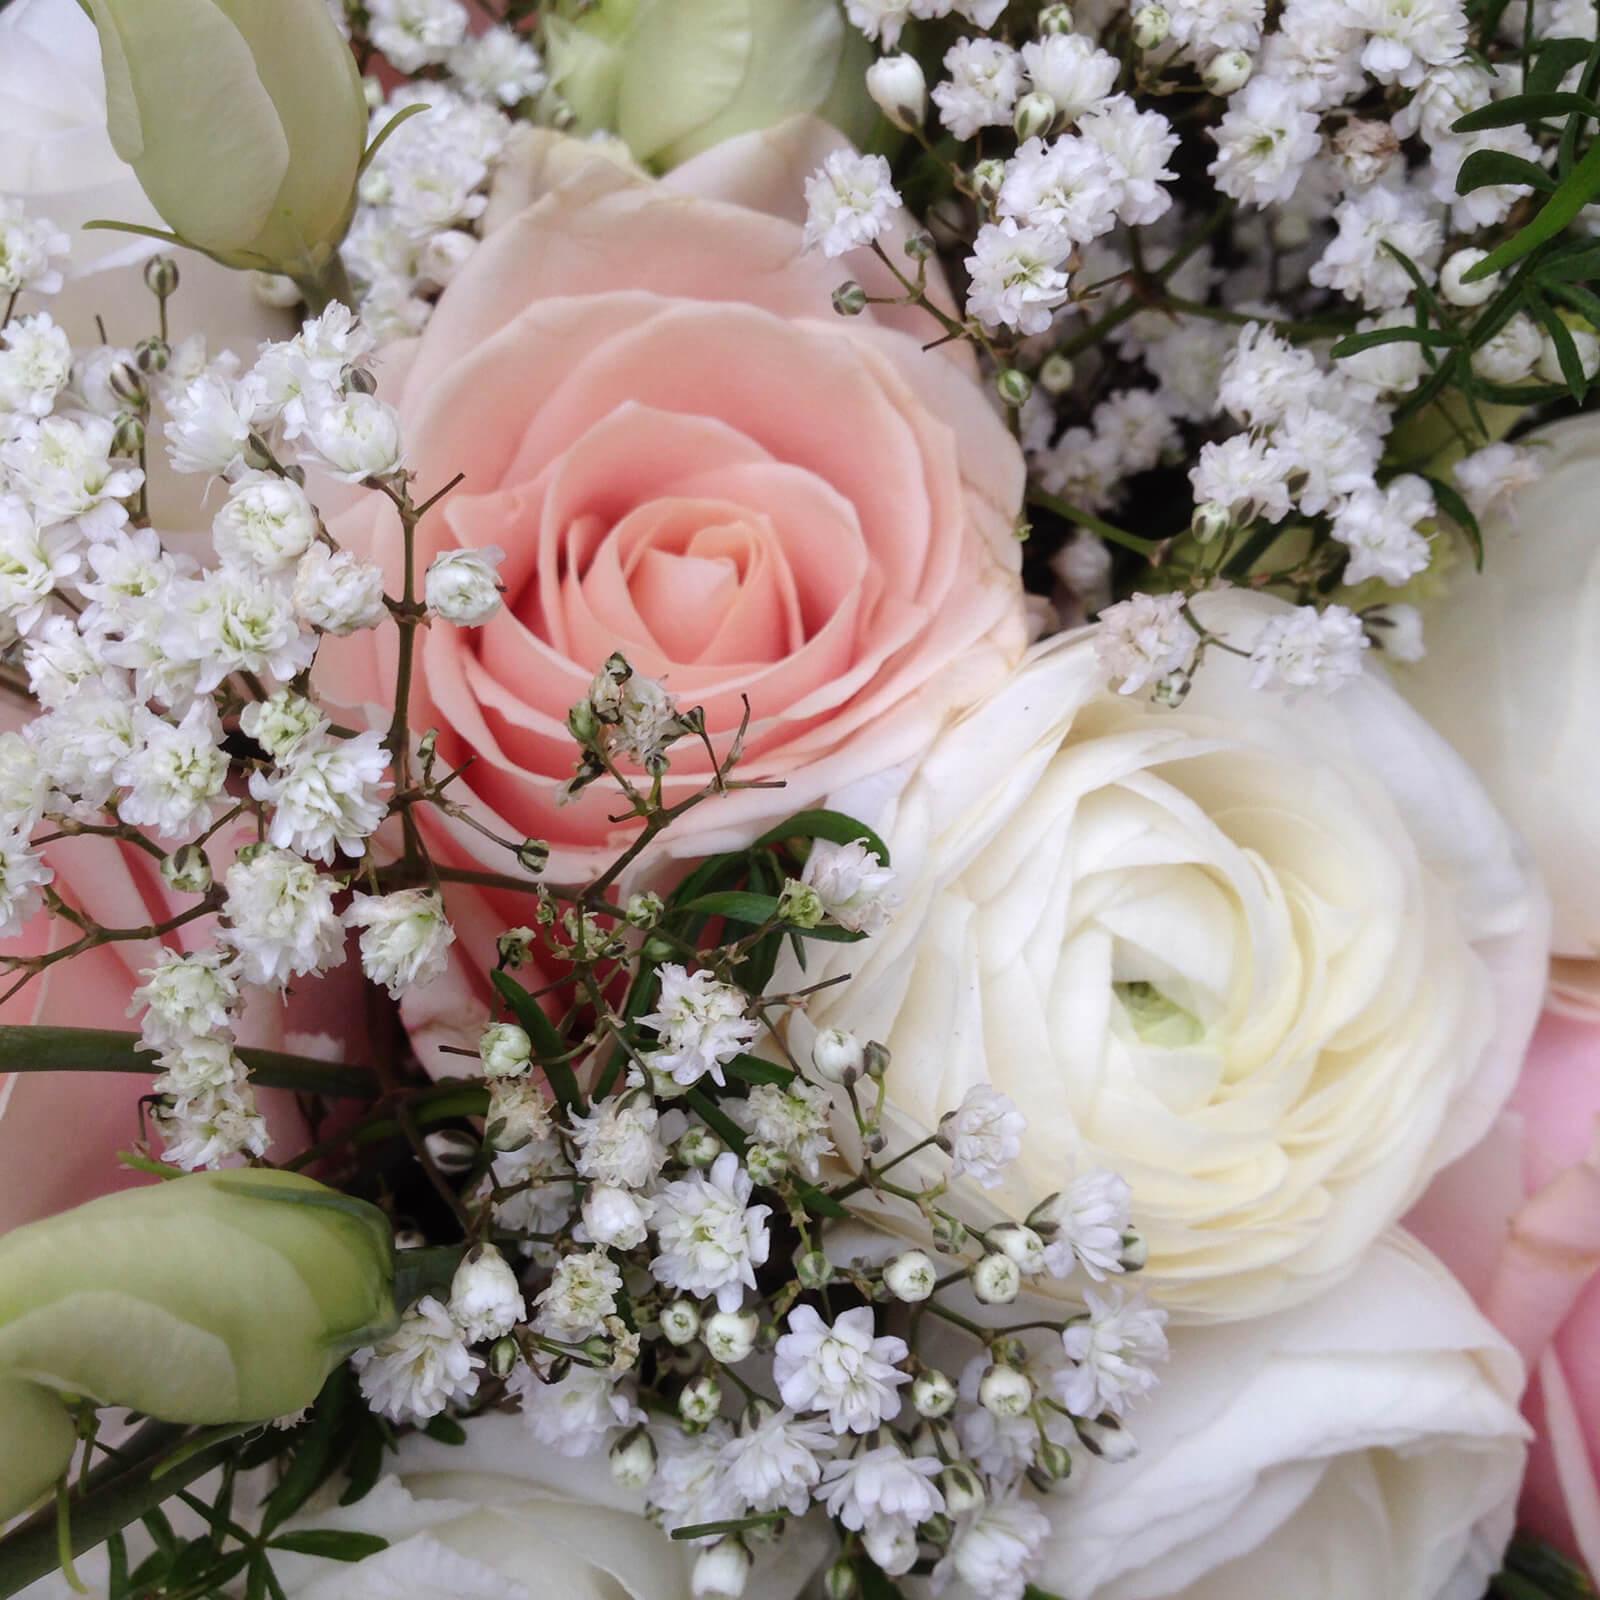 Närbild på snittblommor i vitt och ljusrosa. Rosen heter Sweet Avalanche, och så har vi vit ranunkel, prärieklocka och brudslöja.